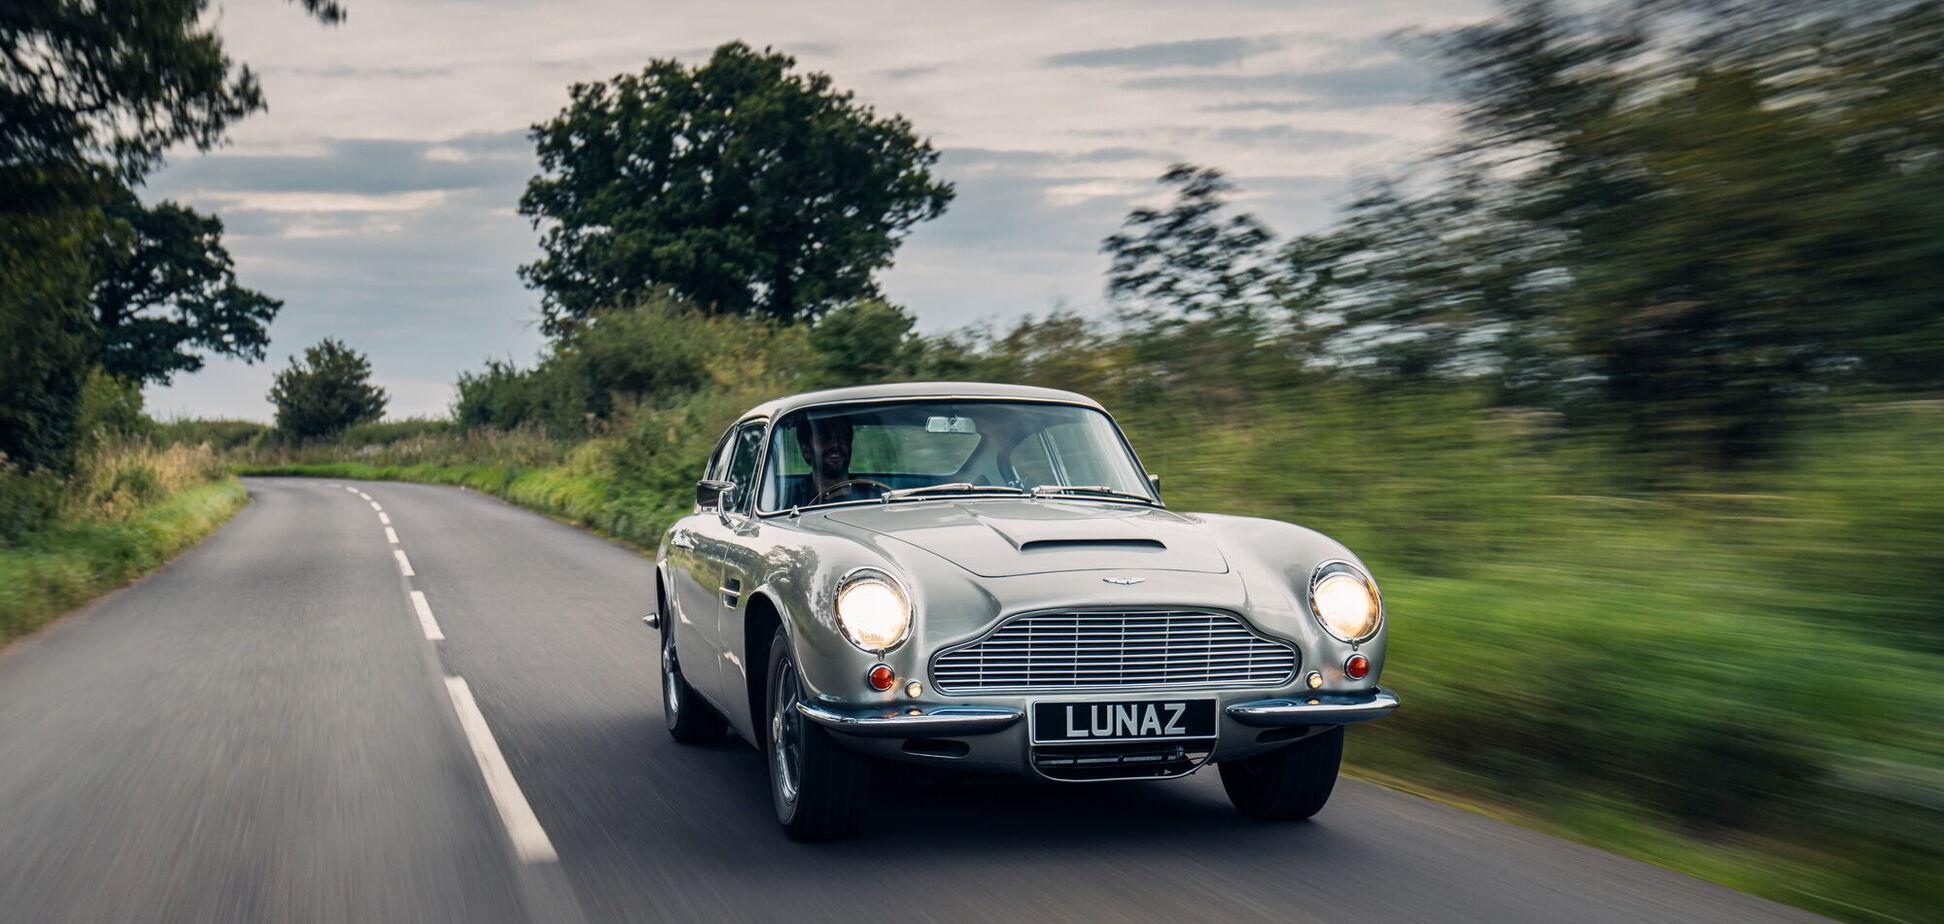 Британцы переделали классический Aston Martin в электромобиль